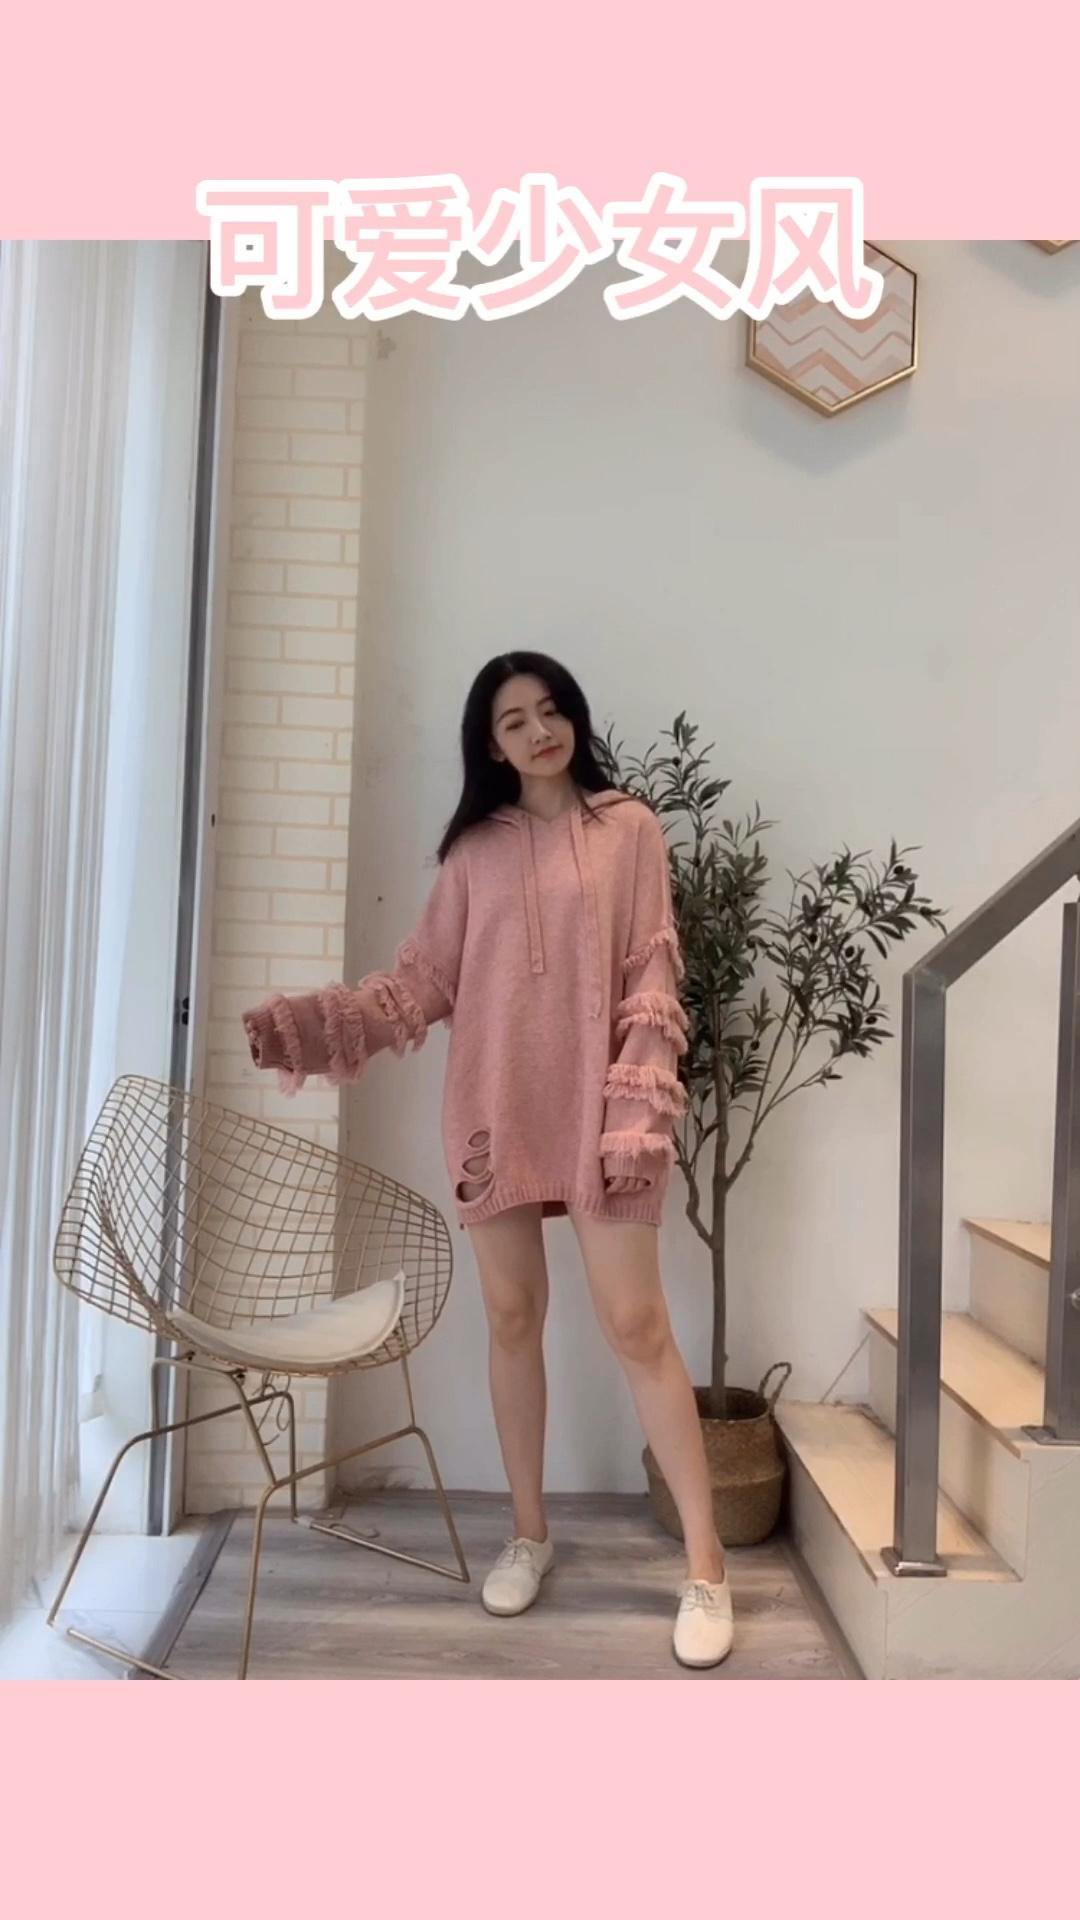 针织流苏毛衣裙 面料柔软穿上身很舒服,款式比较宽松超显瘦的,而且颜色粉粉嫩嫩的很显白,袖子的流苏设计很有看点,不会太单调,我很满意#秋装上新穿搭打卡#